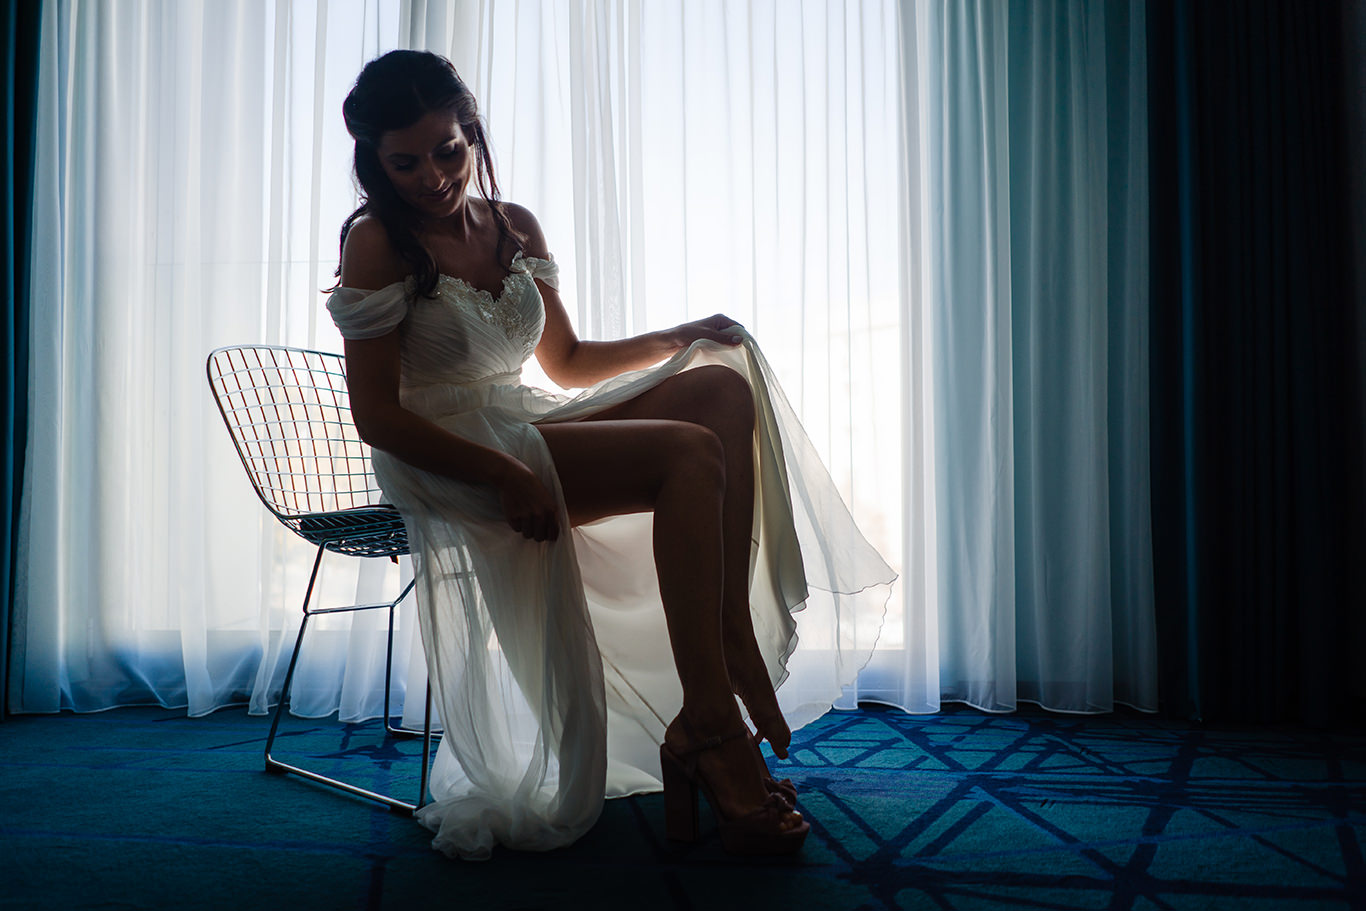 Mireasa in rochie - fotograf Ciprian Dumitrescu